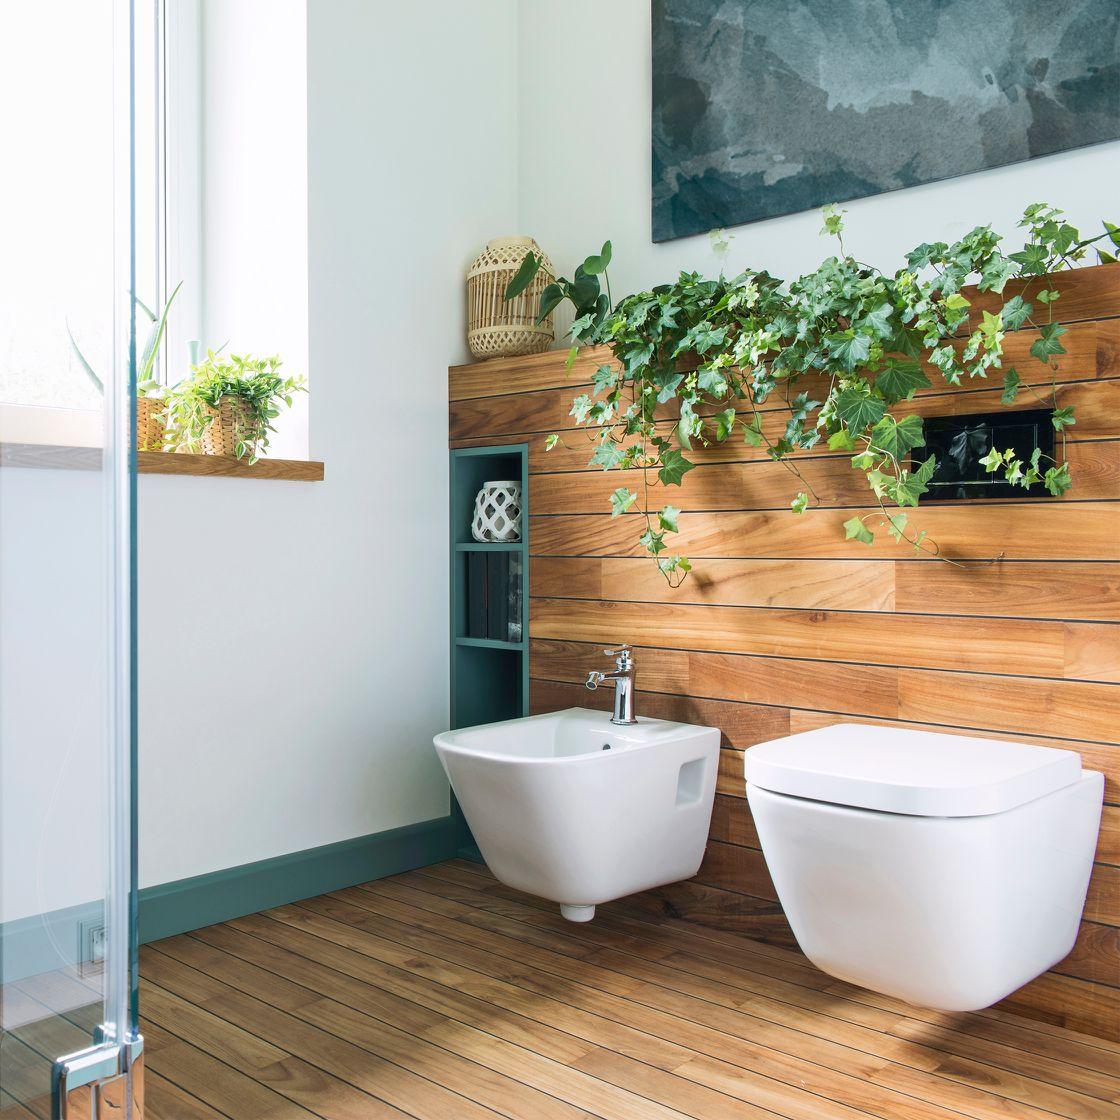 Badezimmer im Natur-Look mit Holz und Pflanzen